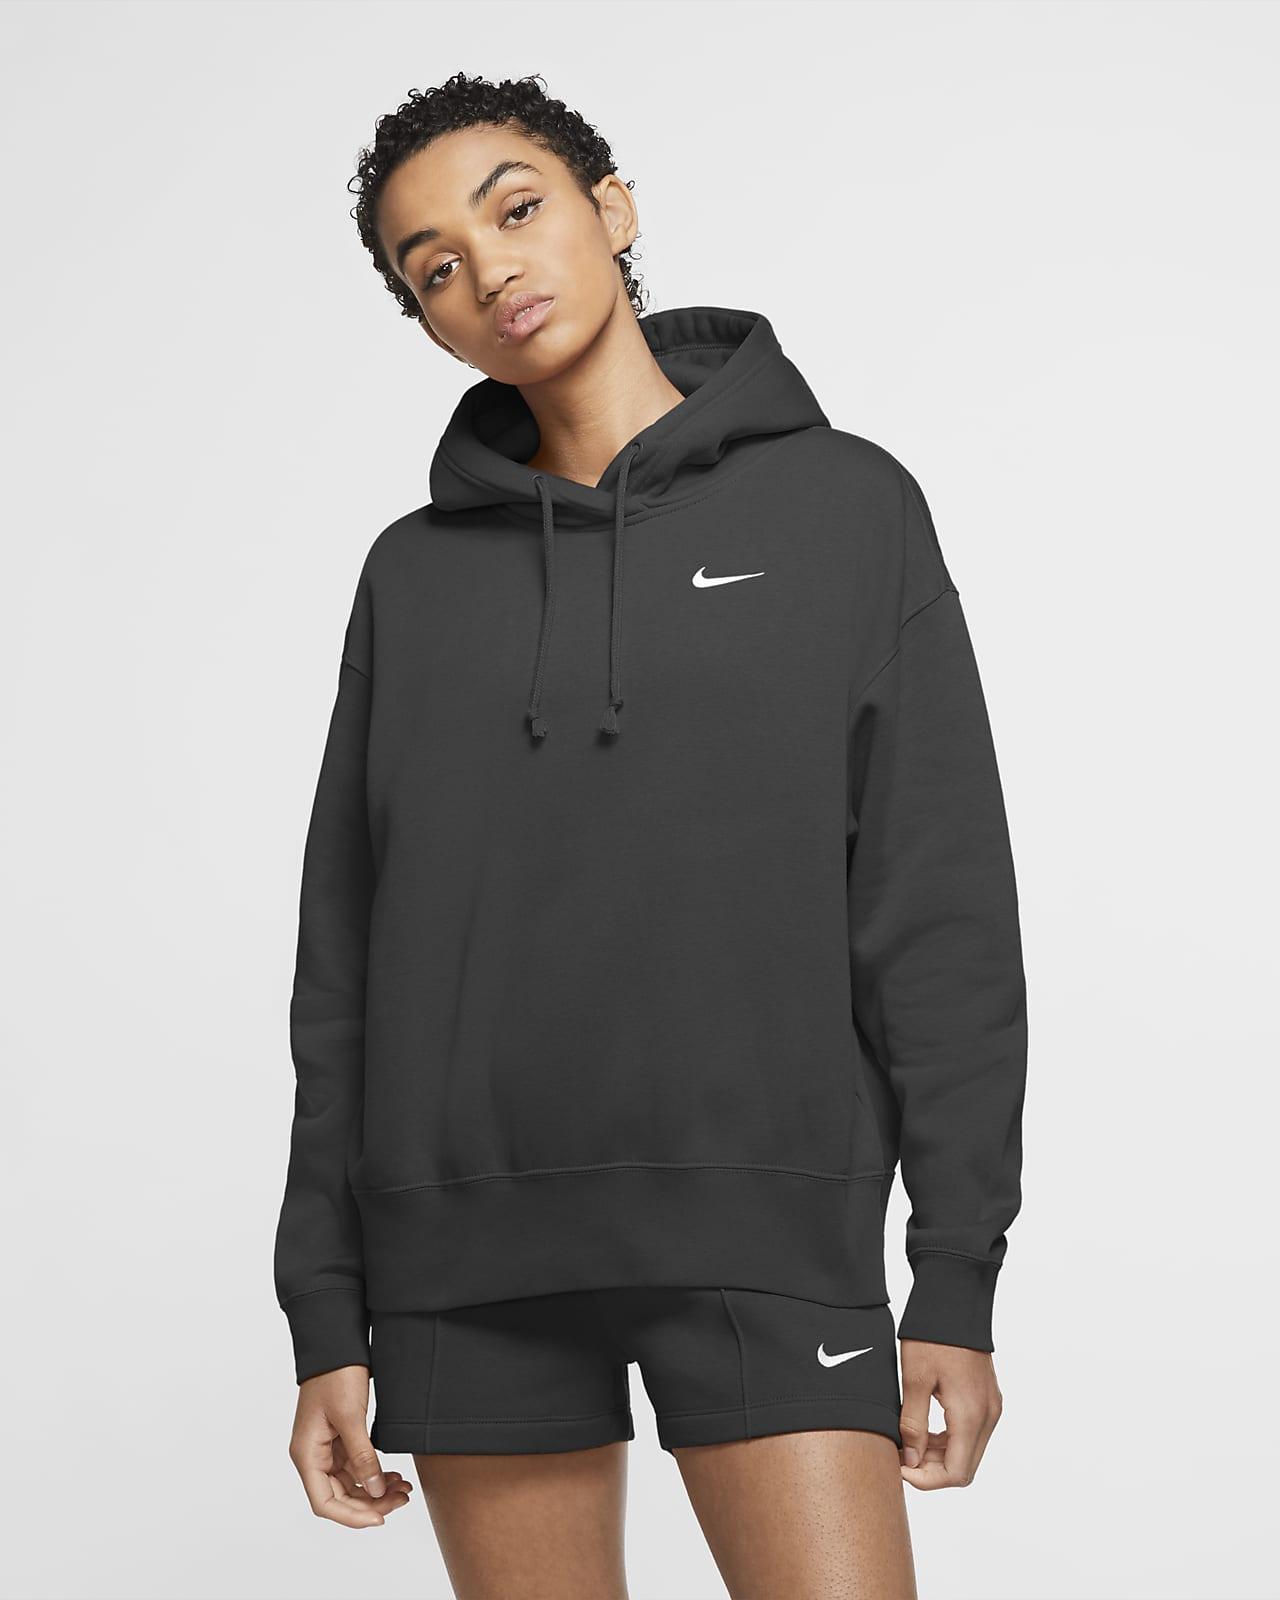 Fleecehuvtröja Nike Sportswear för kvinnor